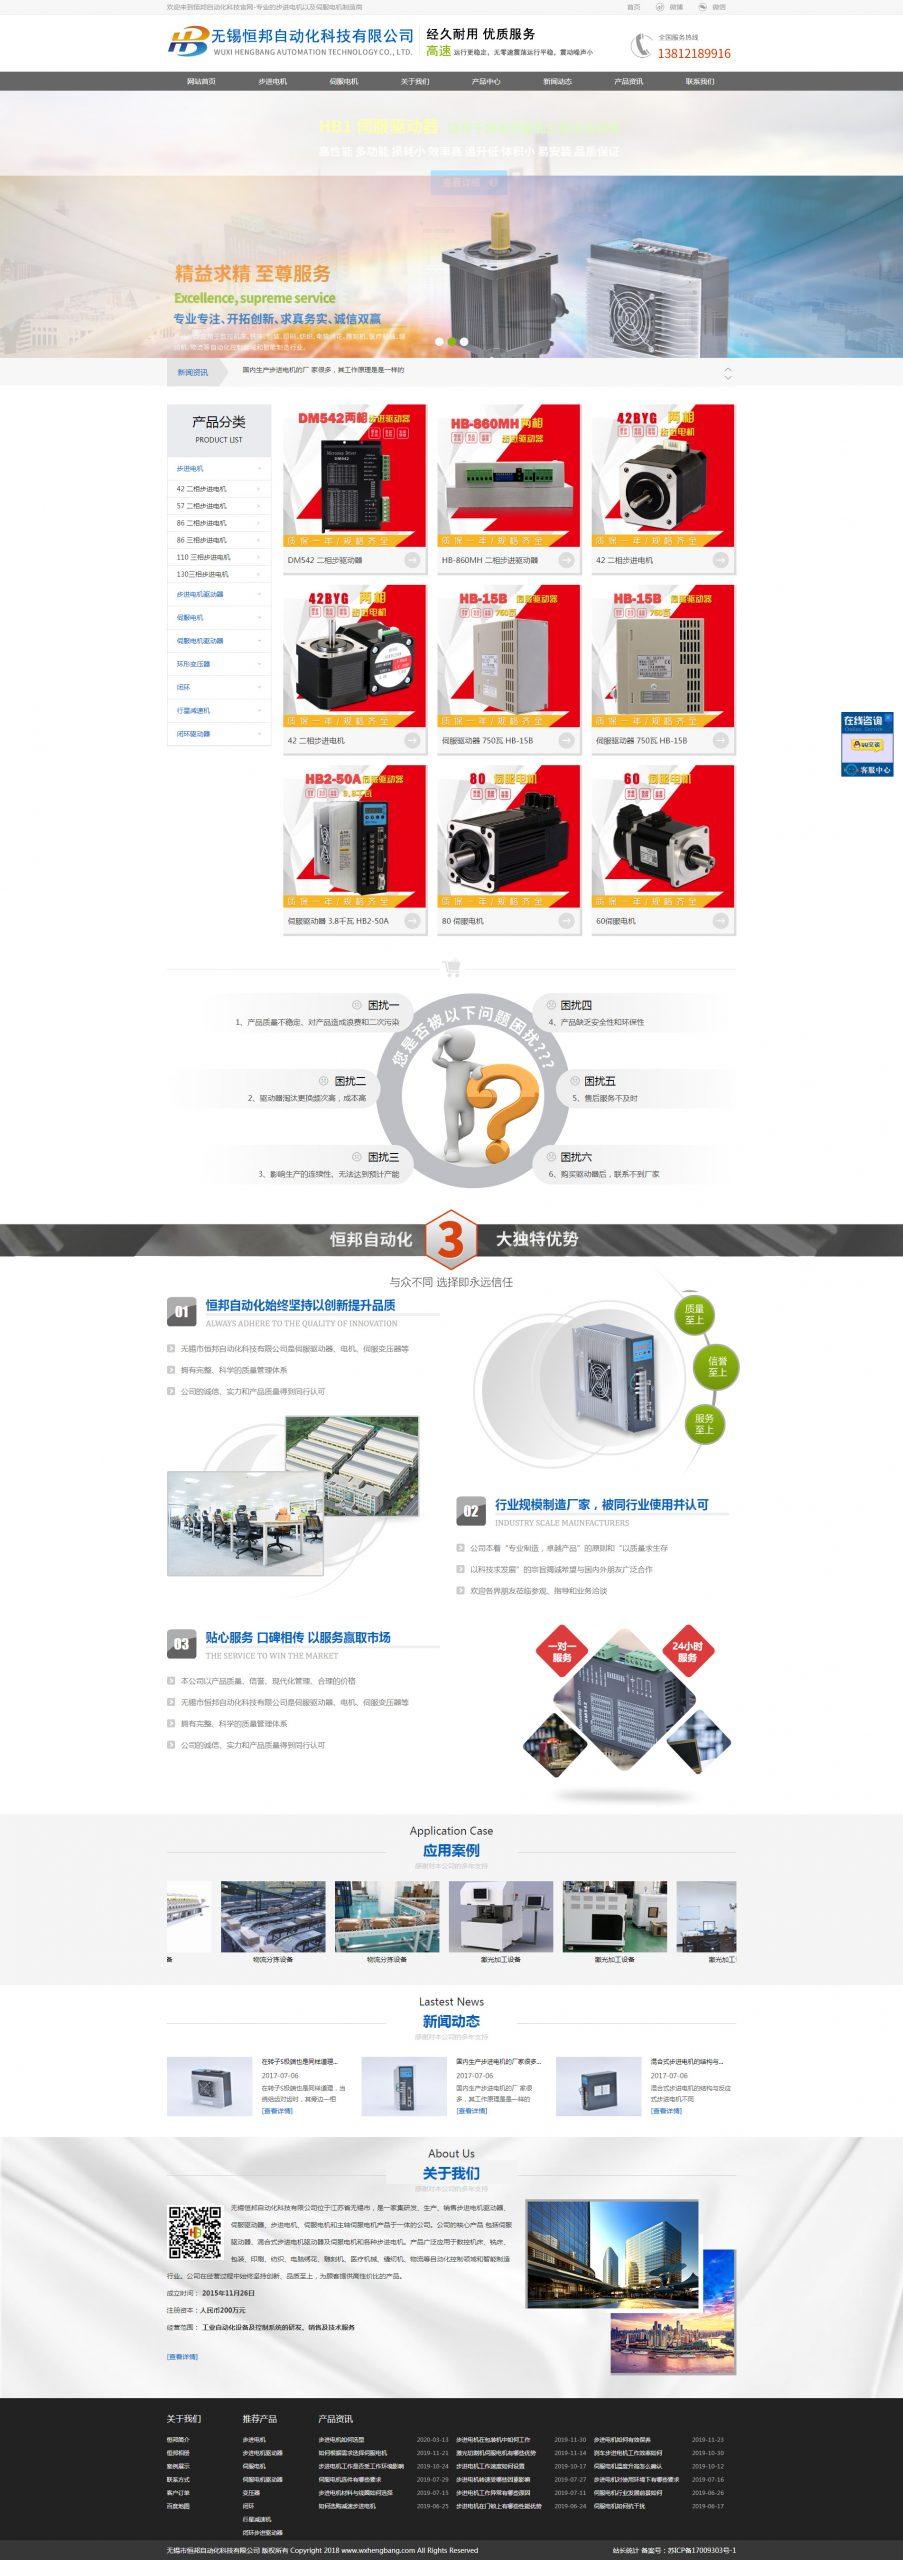 步进电机伺服驱动行业网站制作案例无锡恒邦自动化公司